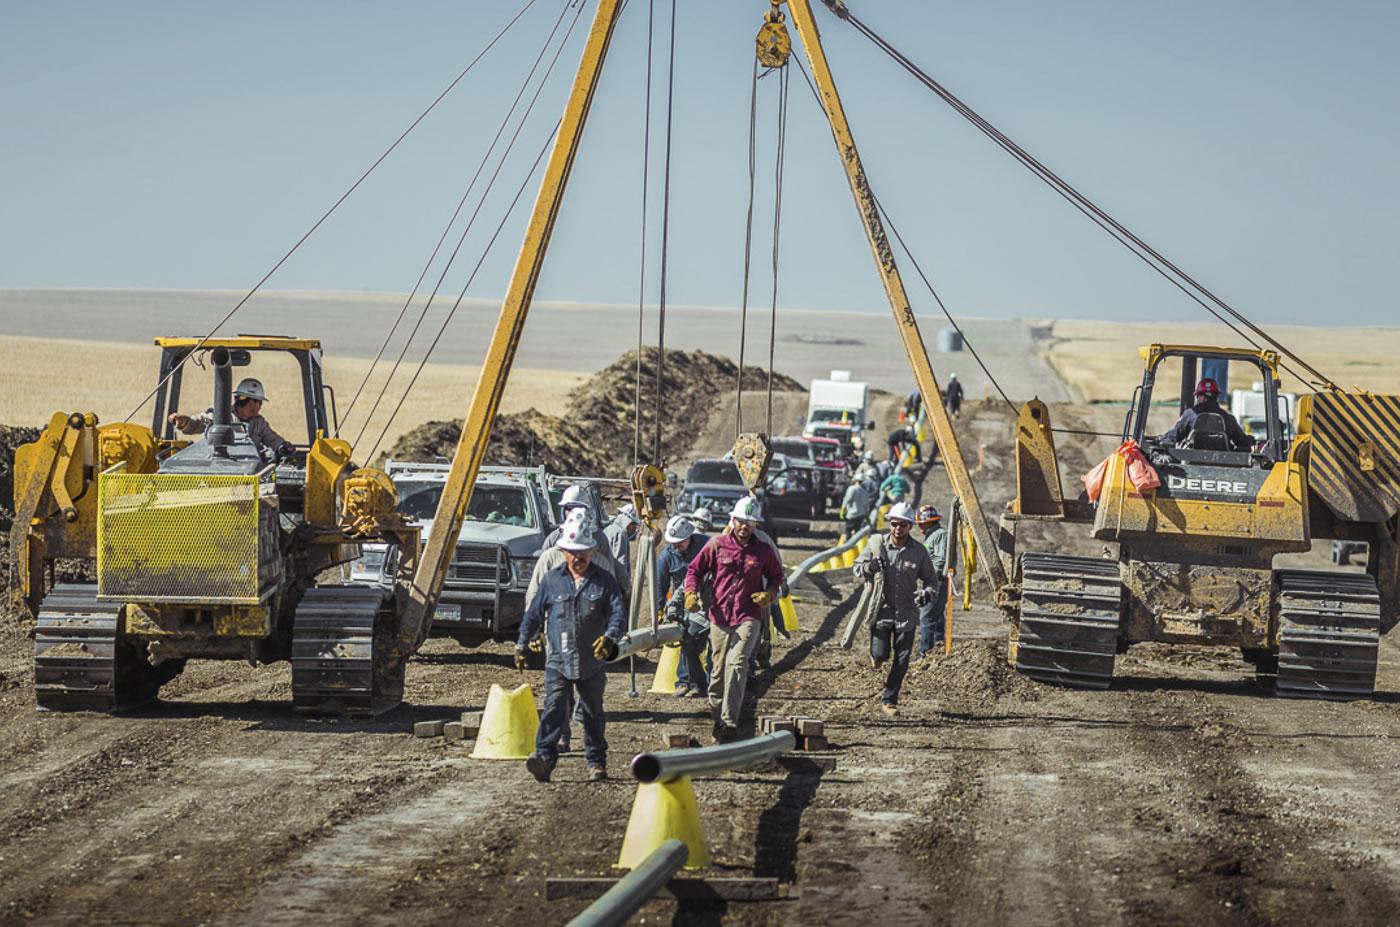 men working oilfield with equipment